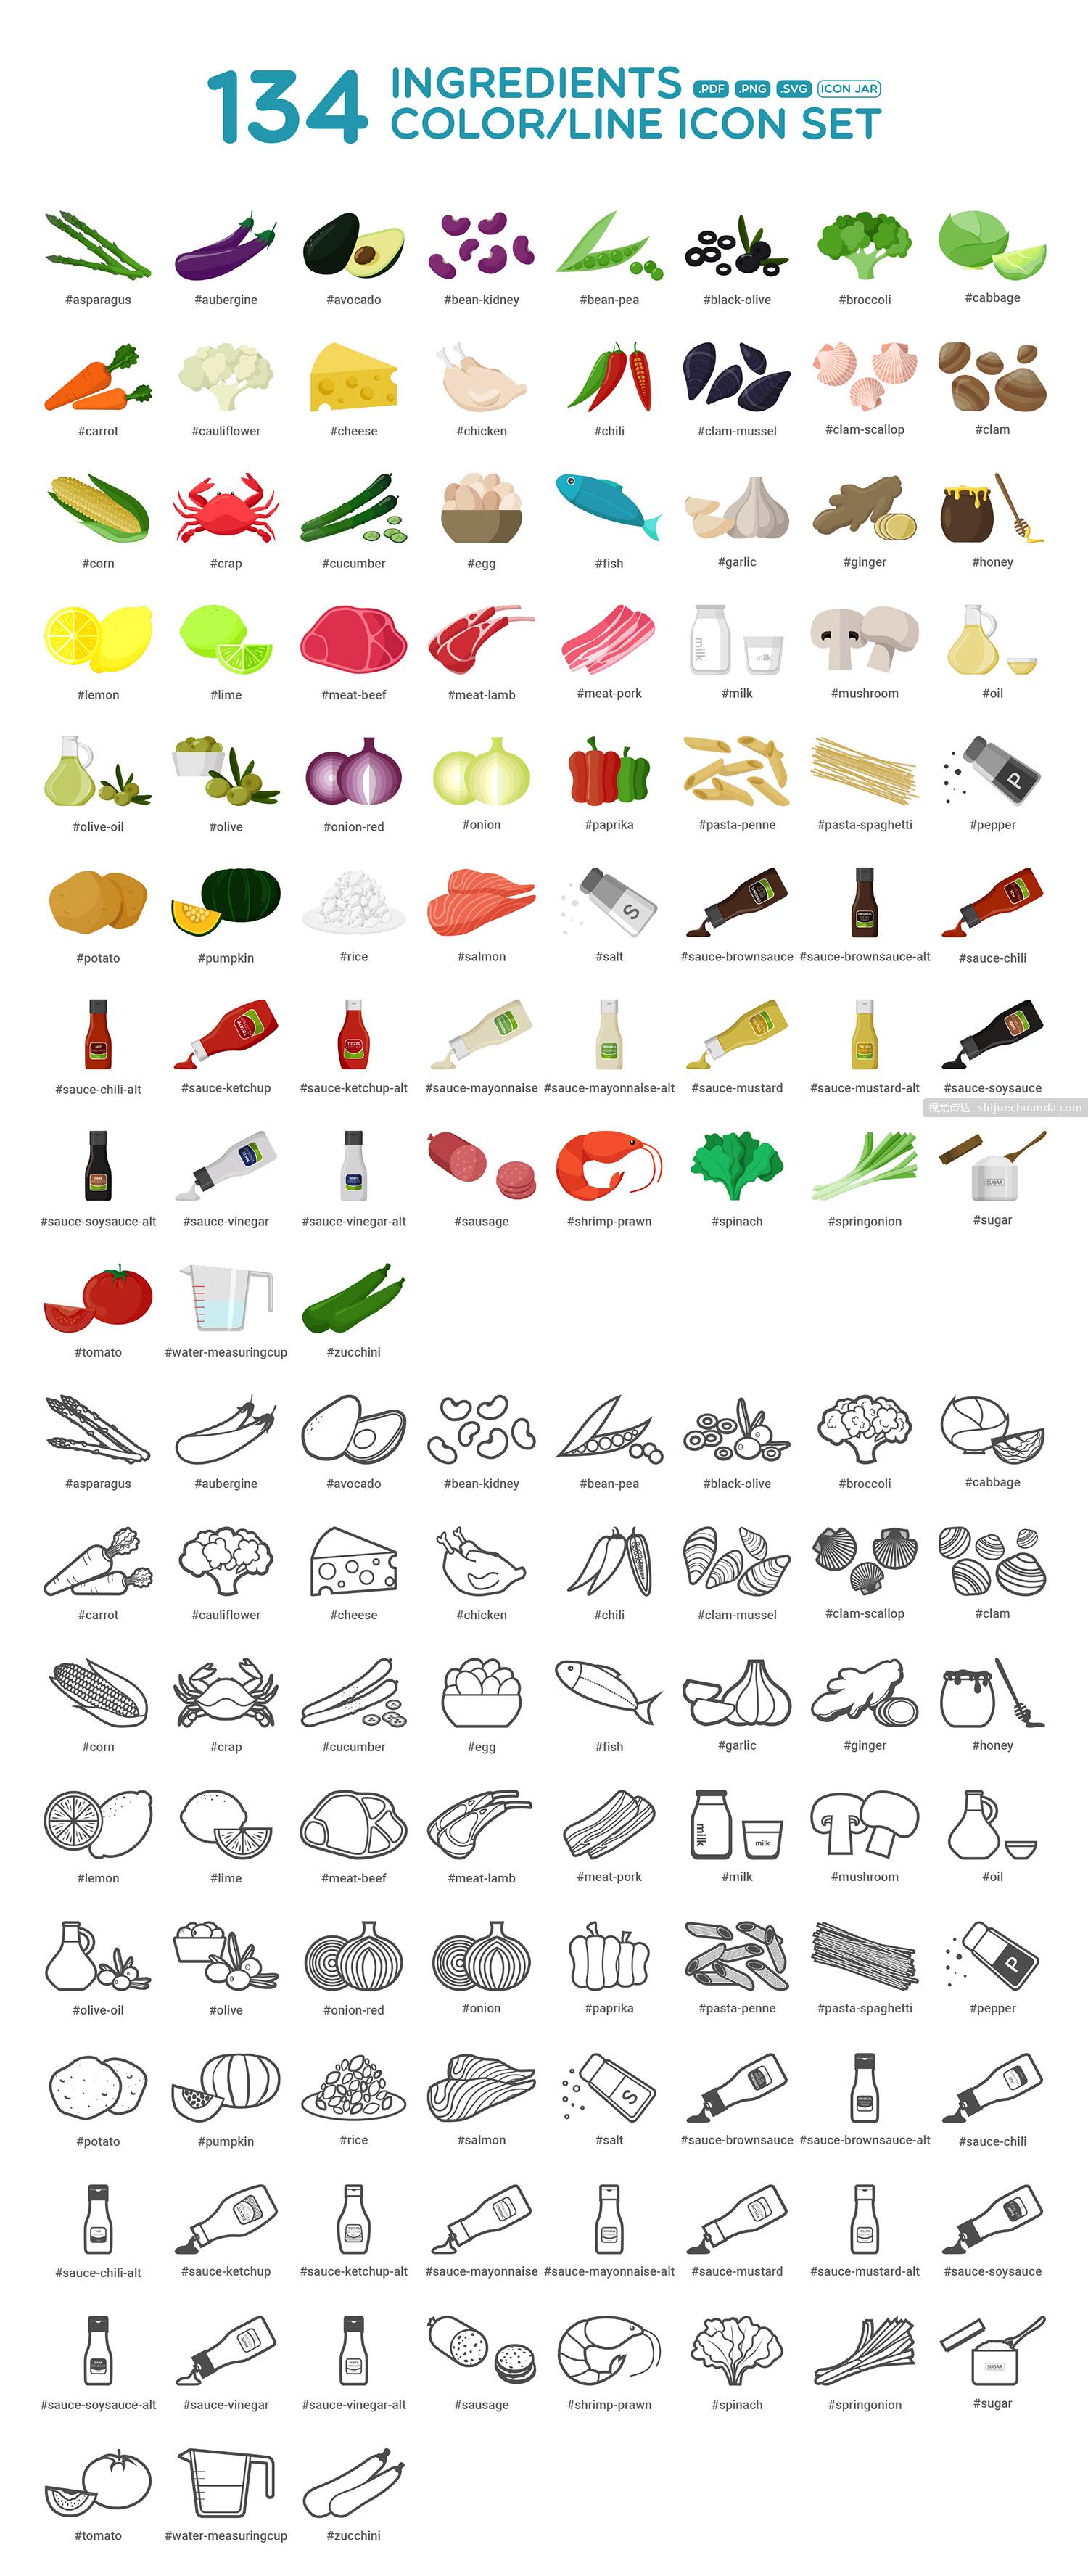 蔬菜食品调料类图标合集